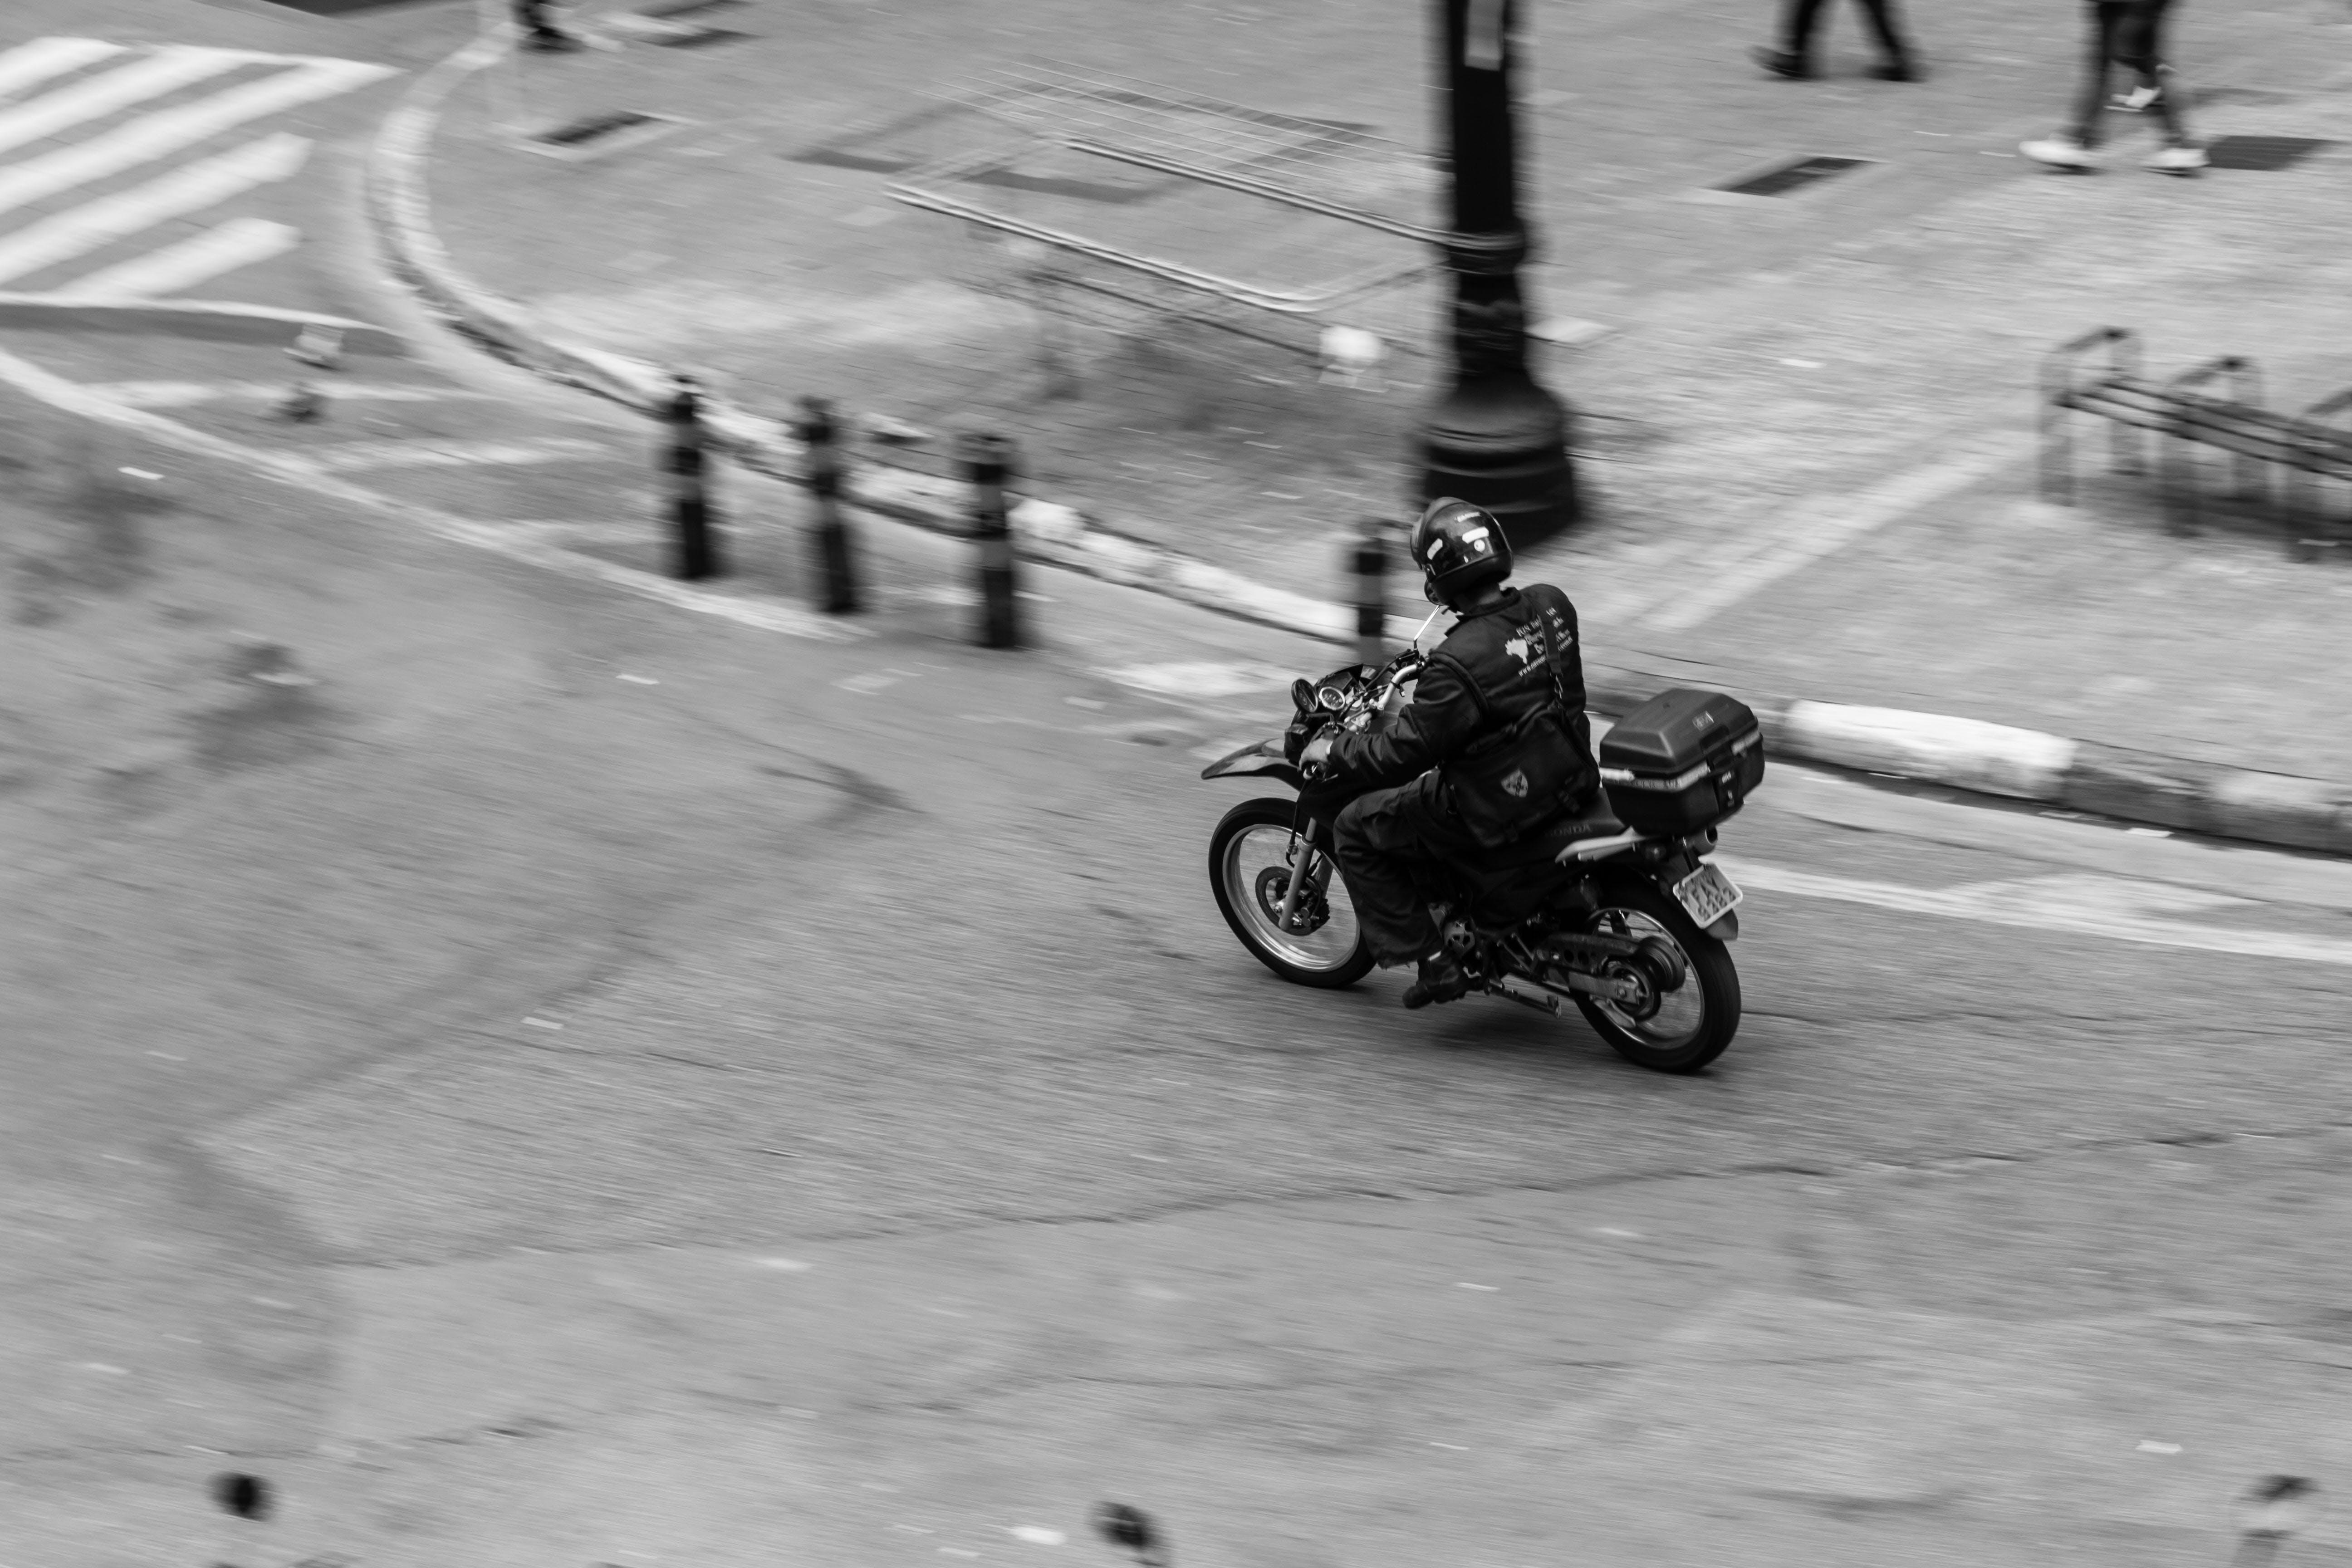 Gratis arkivbilde med bevegelse, by, fortau, gate